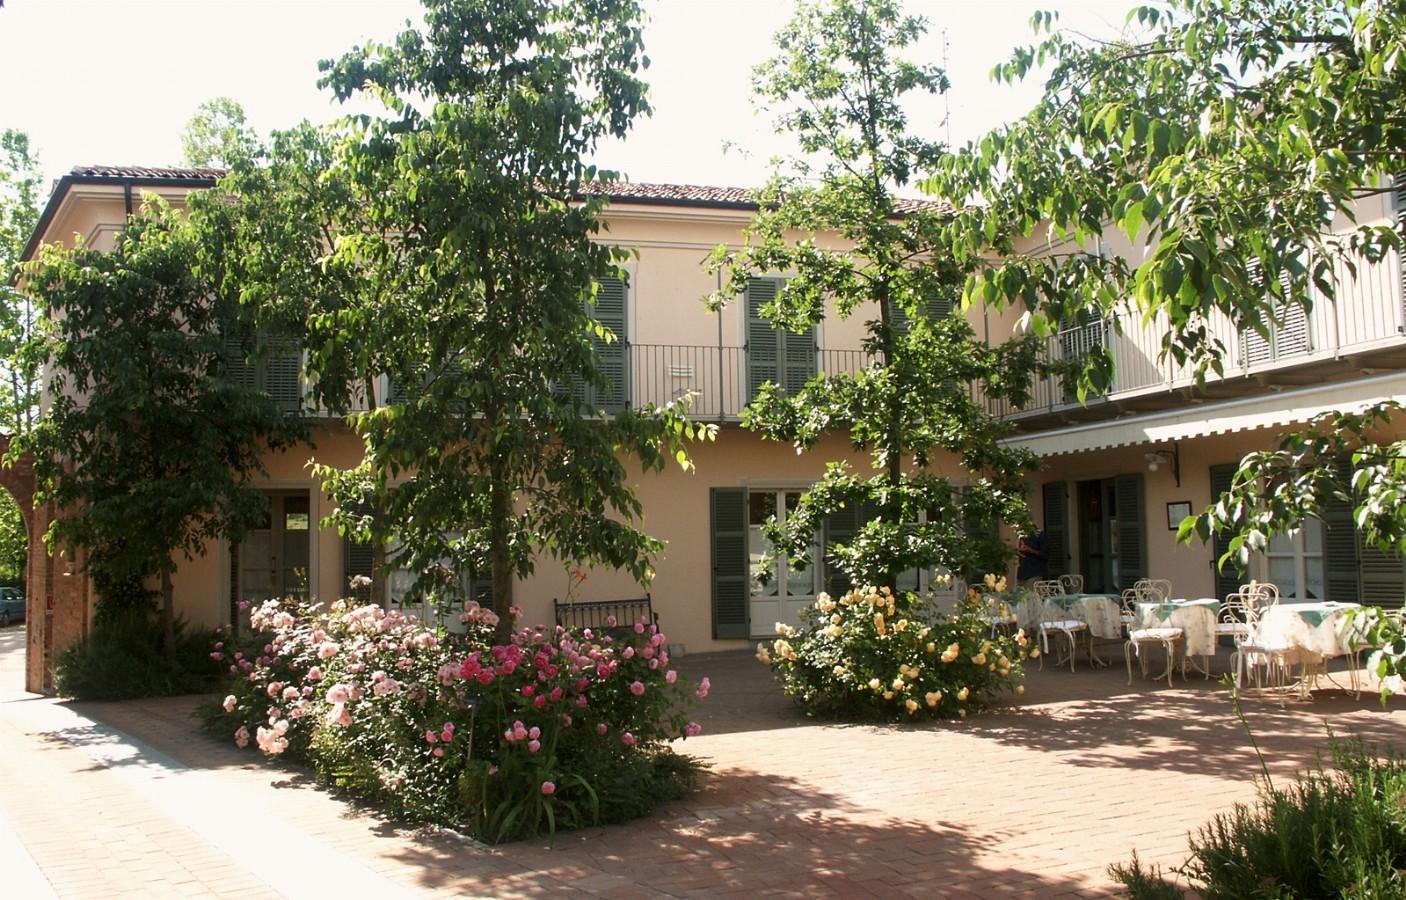 فندق ريليه إيلبورجو - آستي Hotel Relais il Borgo - Asti - فندق ومنتجع ونادي صحي